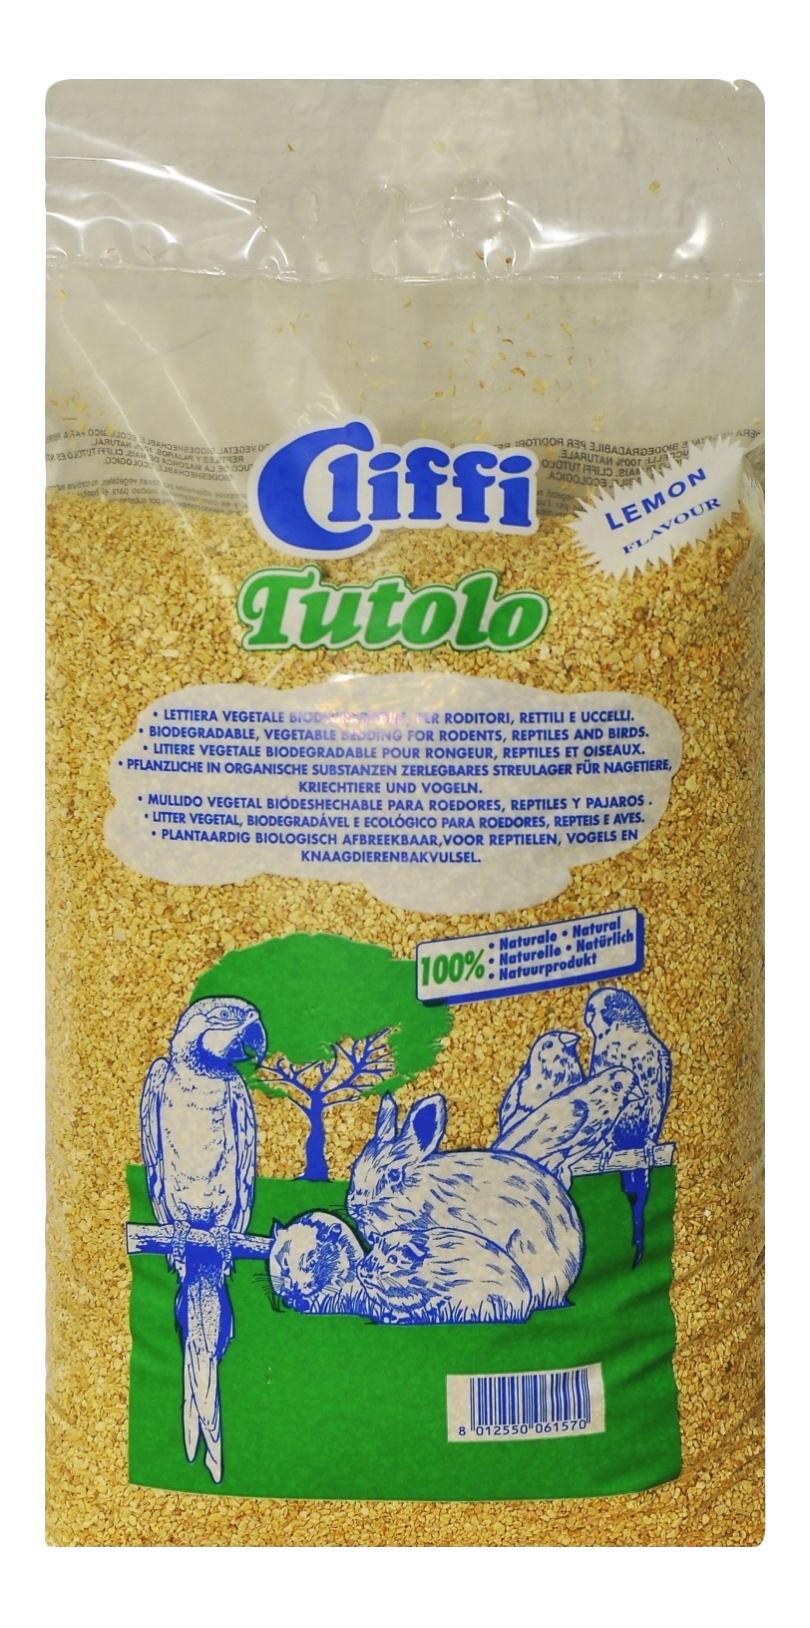 Cliffi Кукурузный наполнитель Цитрус для грызунов, 4,5кг